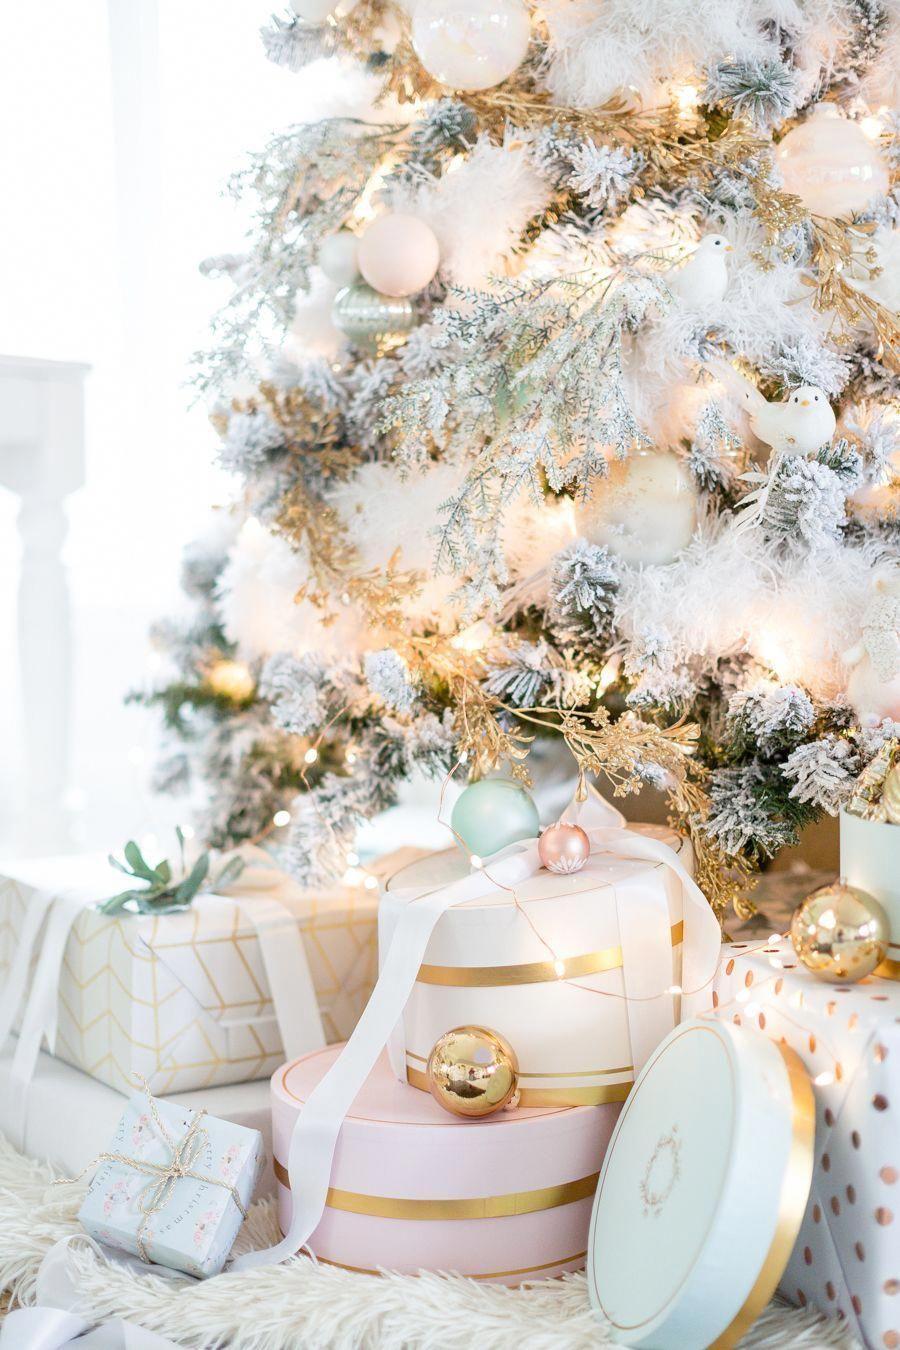 Decoration Noel Pastel Comment Adopter La It Tendance Cette